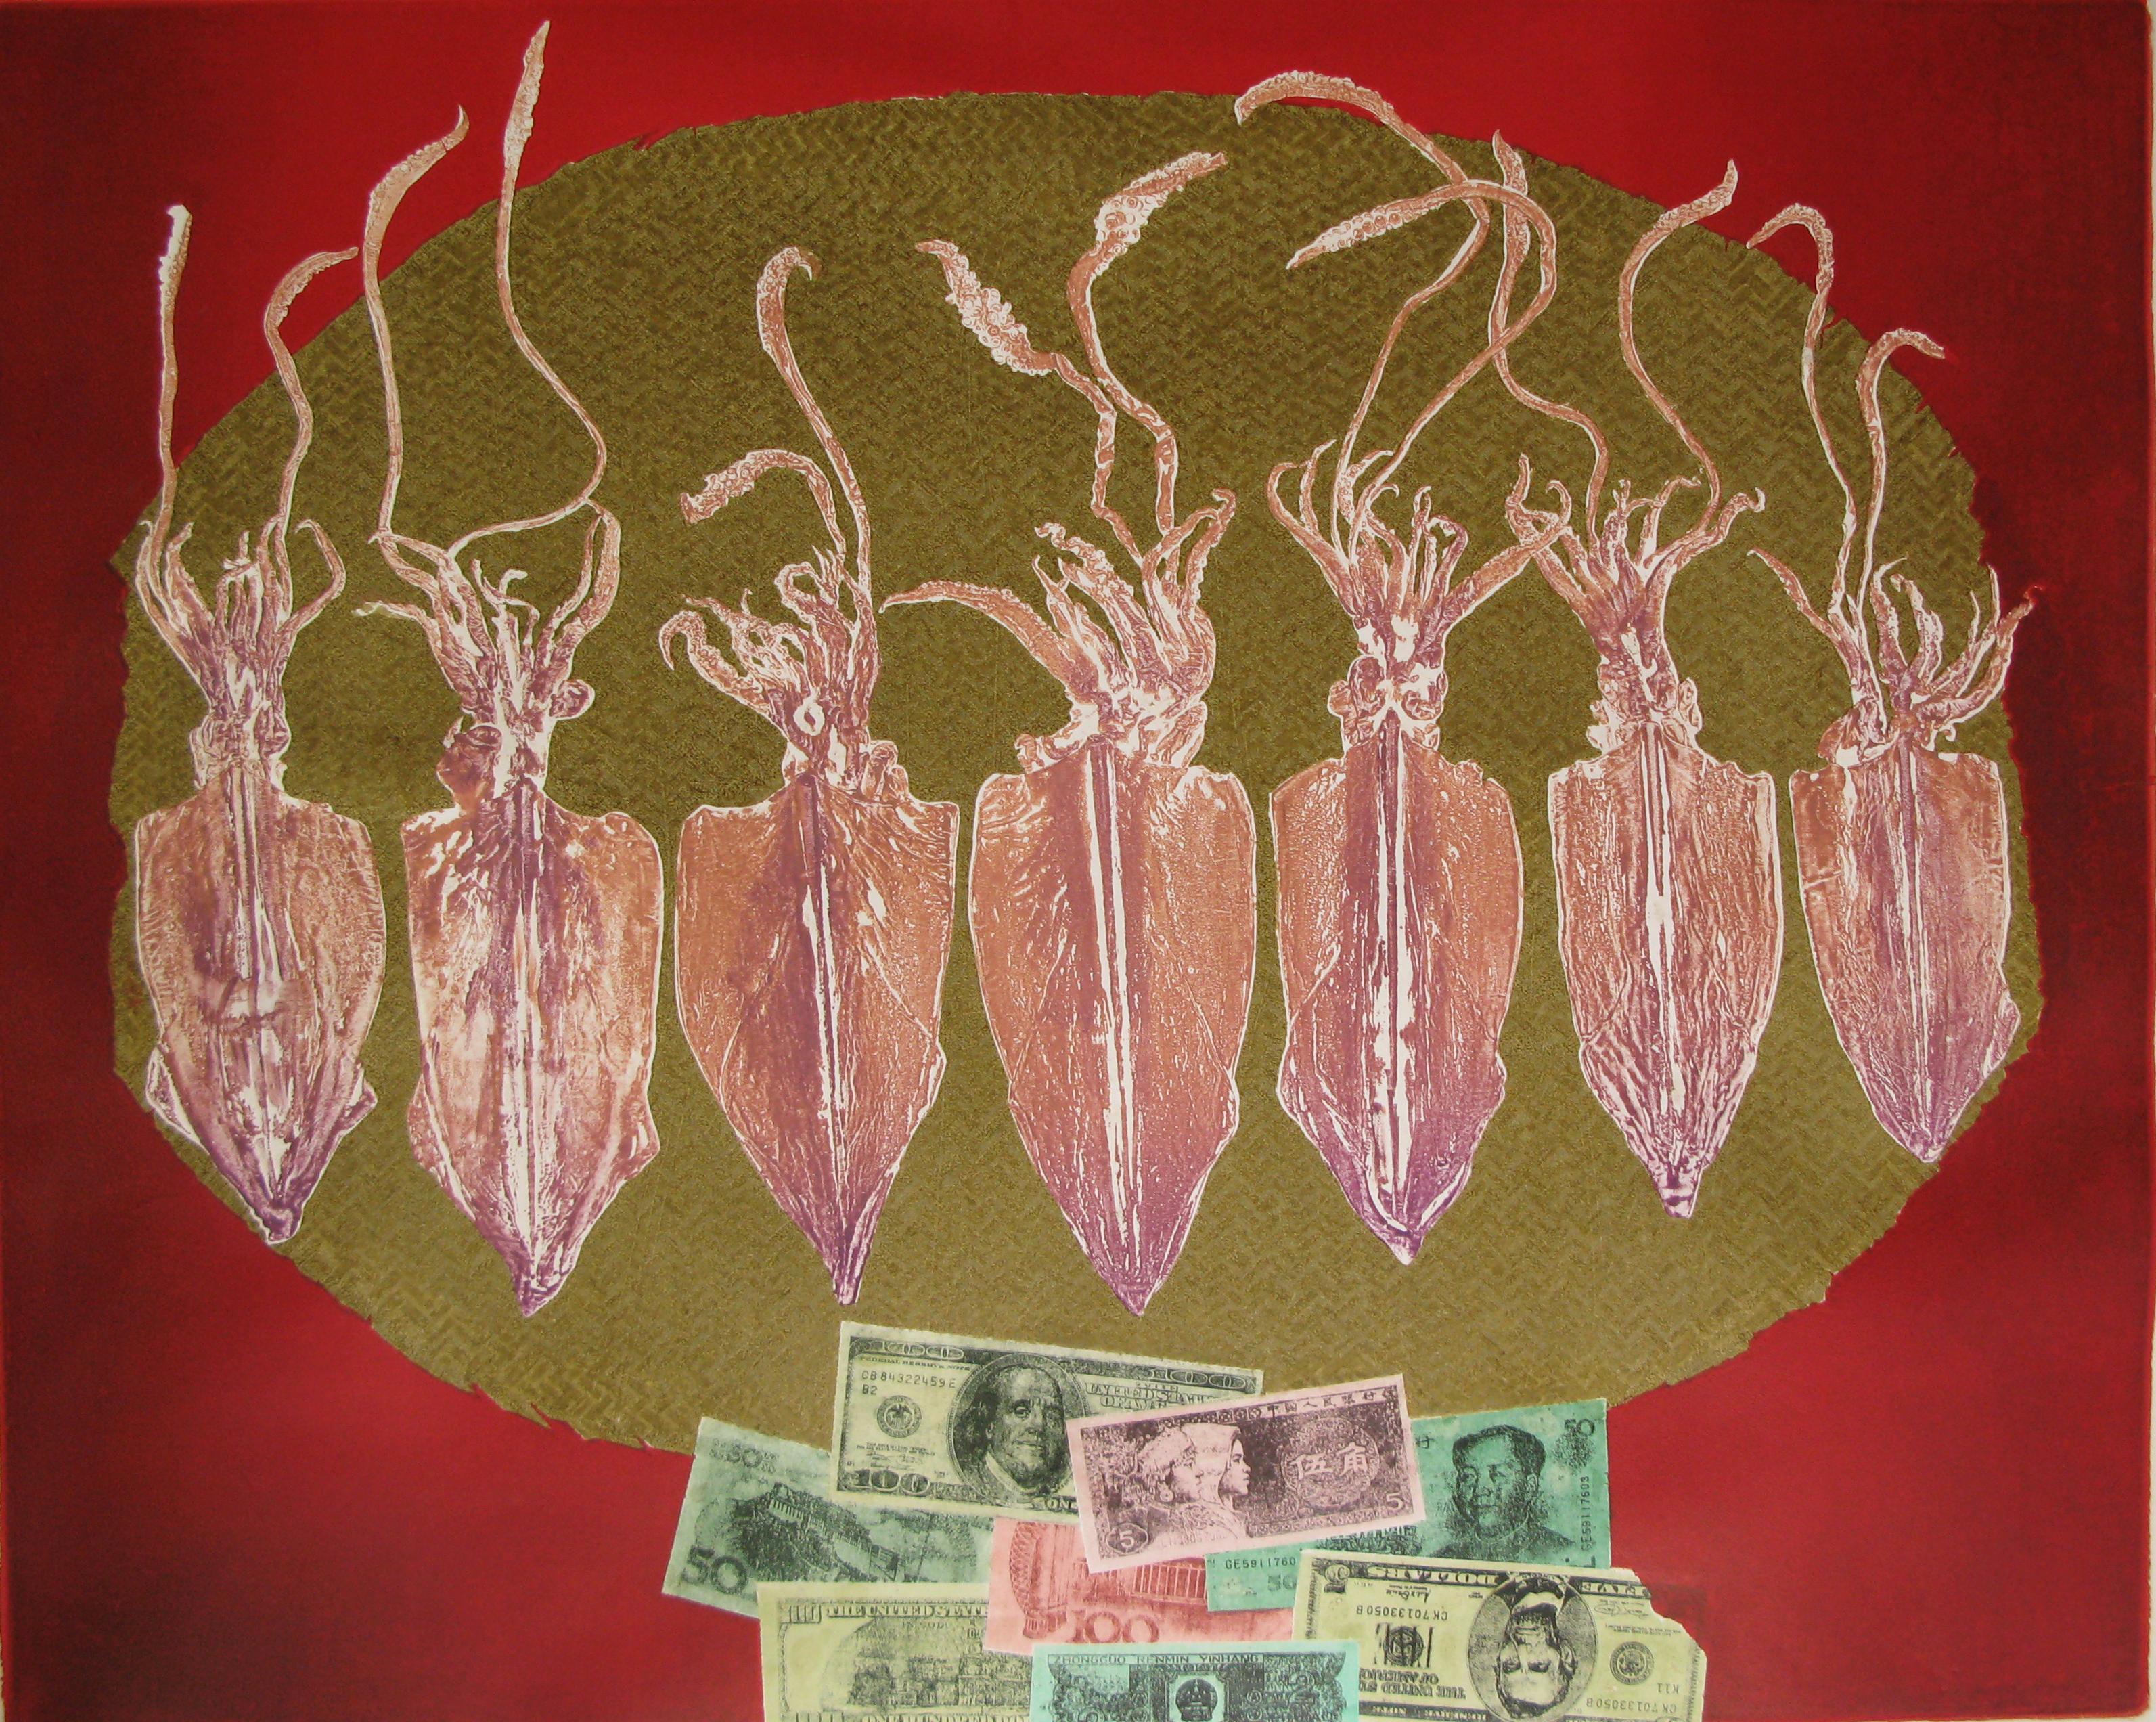 Seven Dried Squids | Bảy con Mực khô